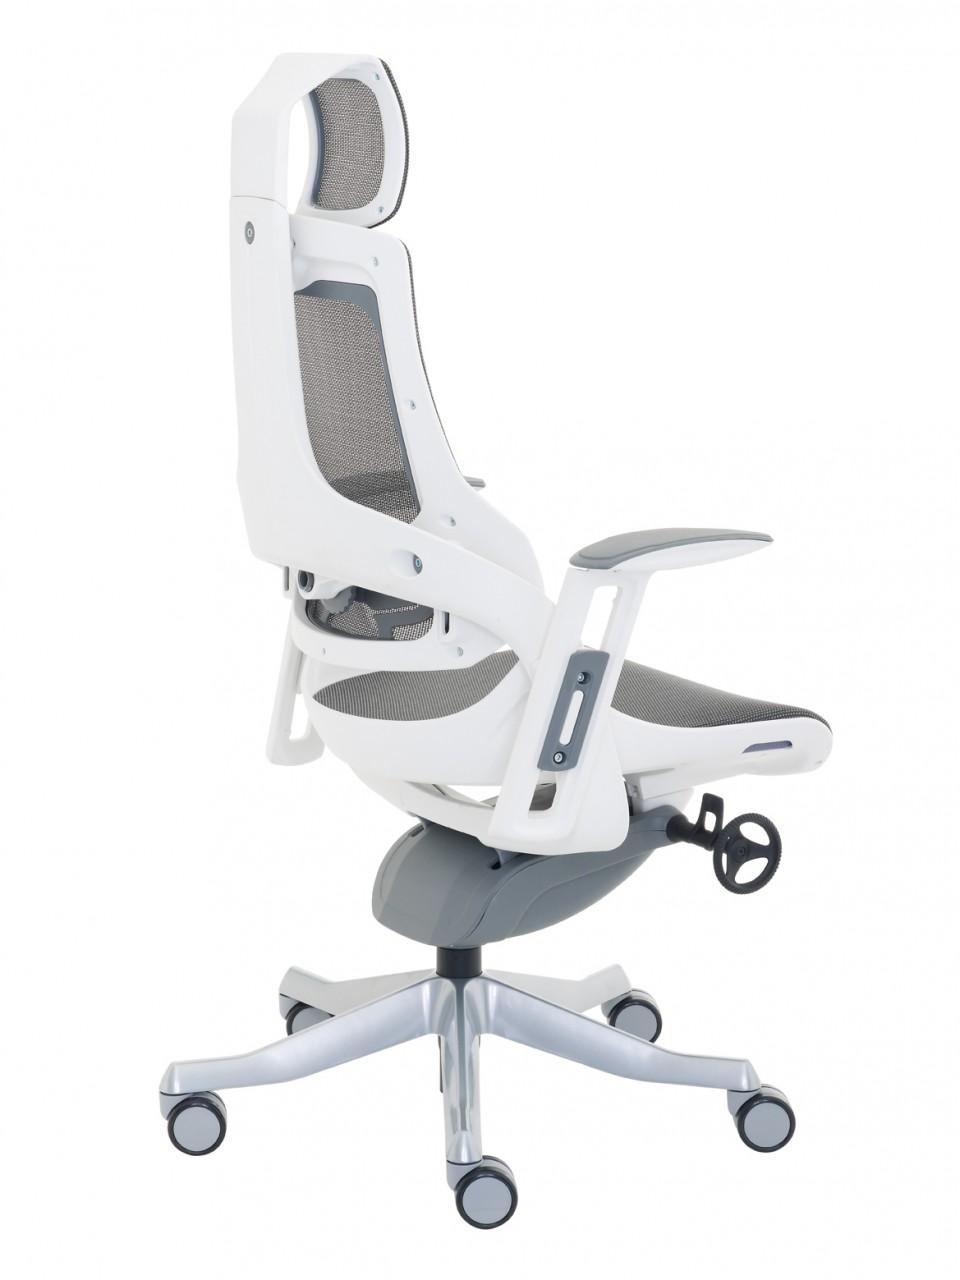 fauteuil de bureau ergonomique m dic achat si ge de. Black Bedroom Furniture Sets. Home Design Ideas